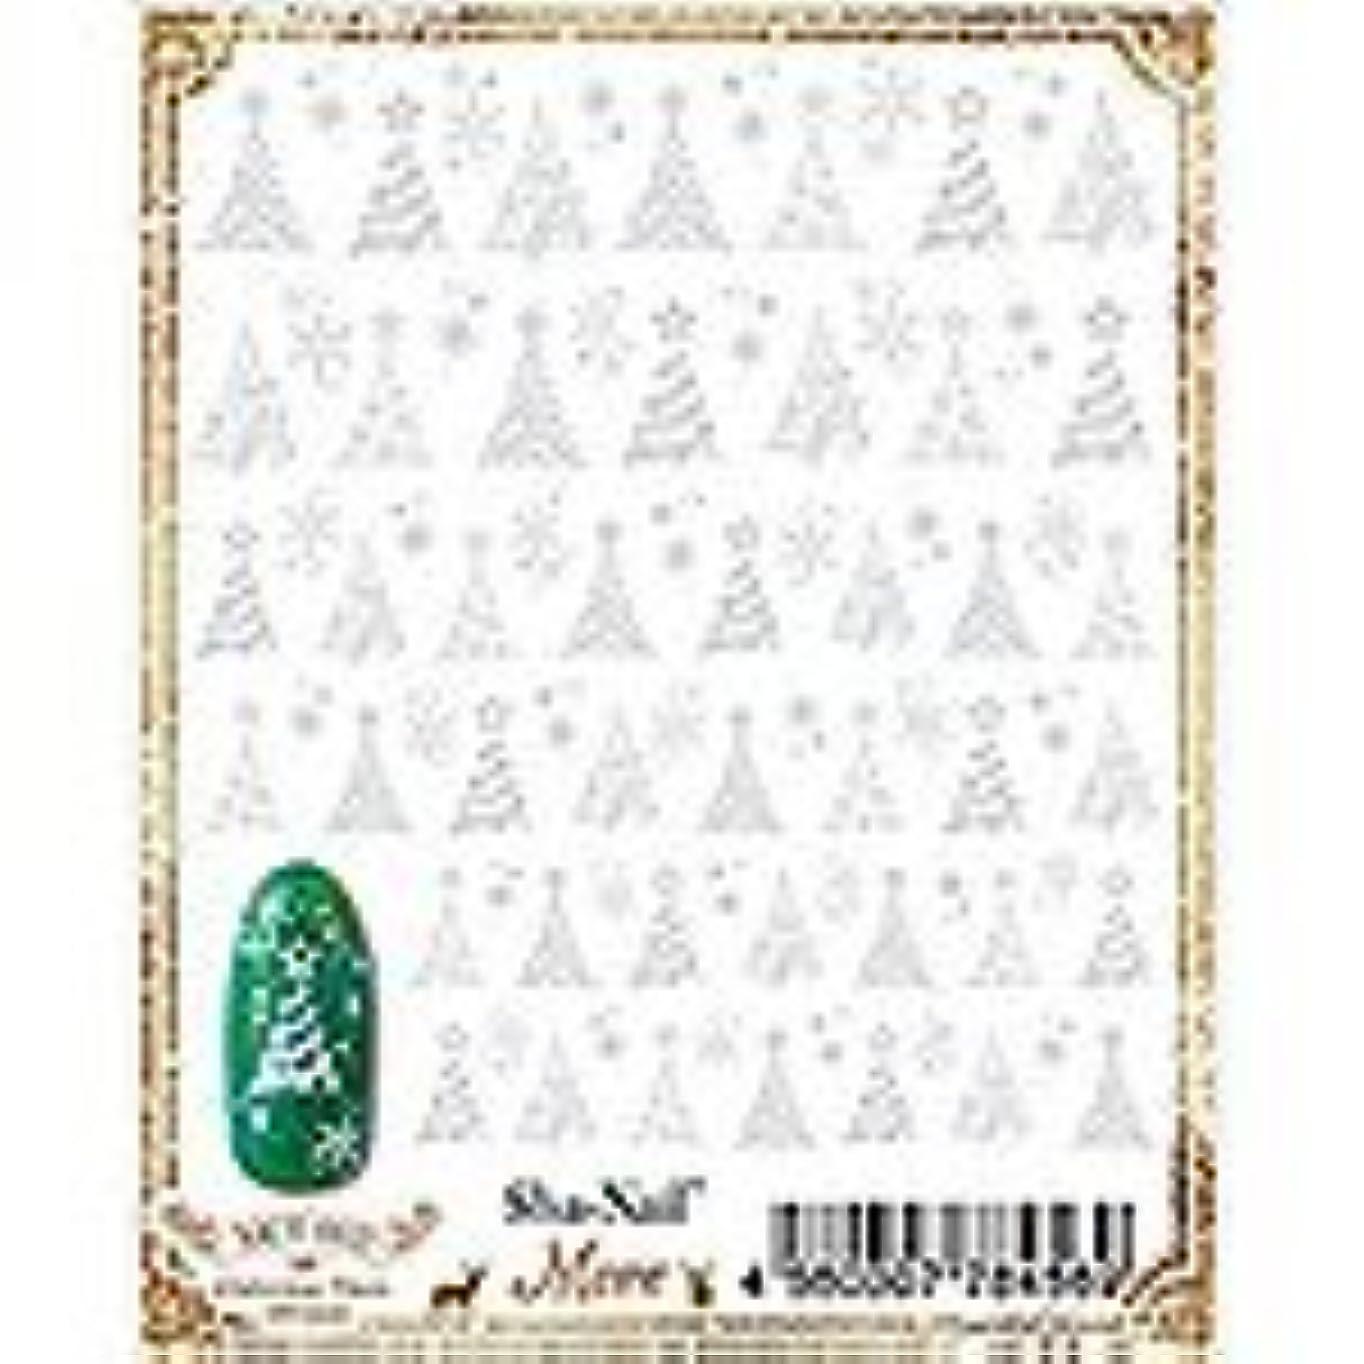 保険をかけるコンパイル指定するクリスマスツリーズ(ホワイト)